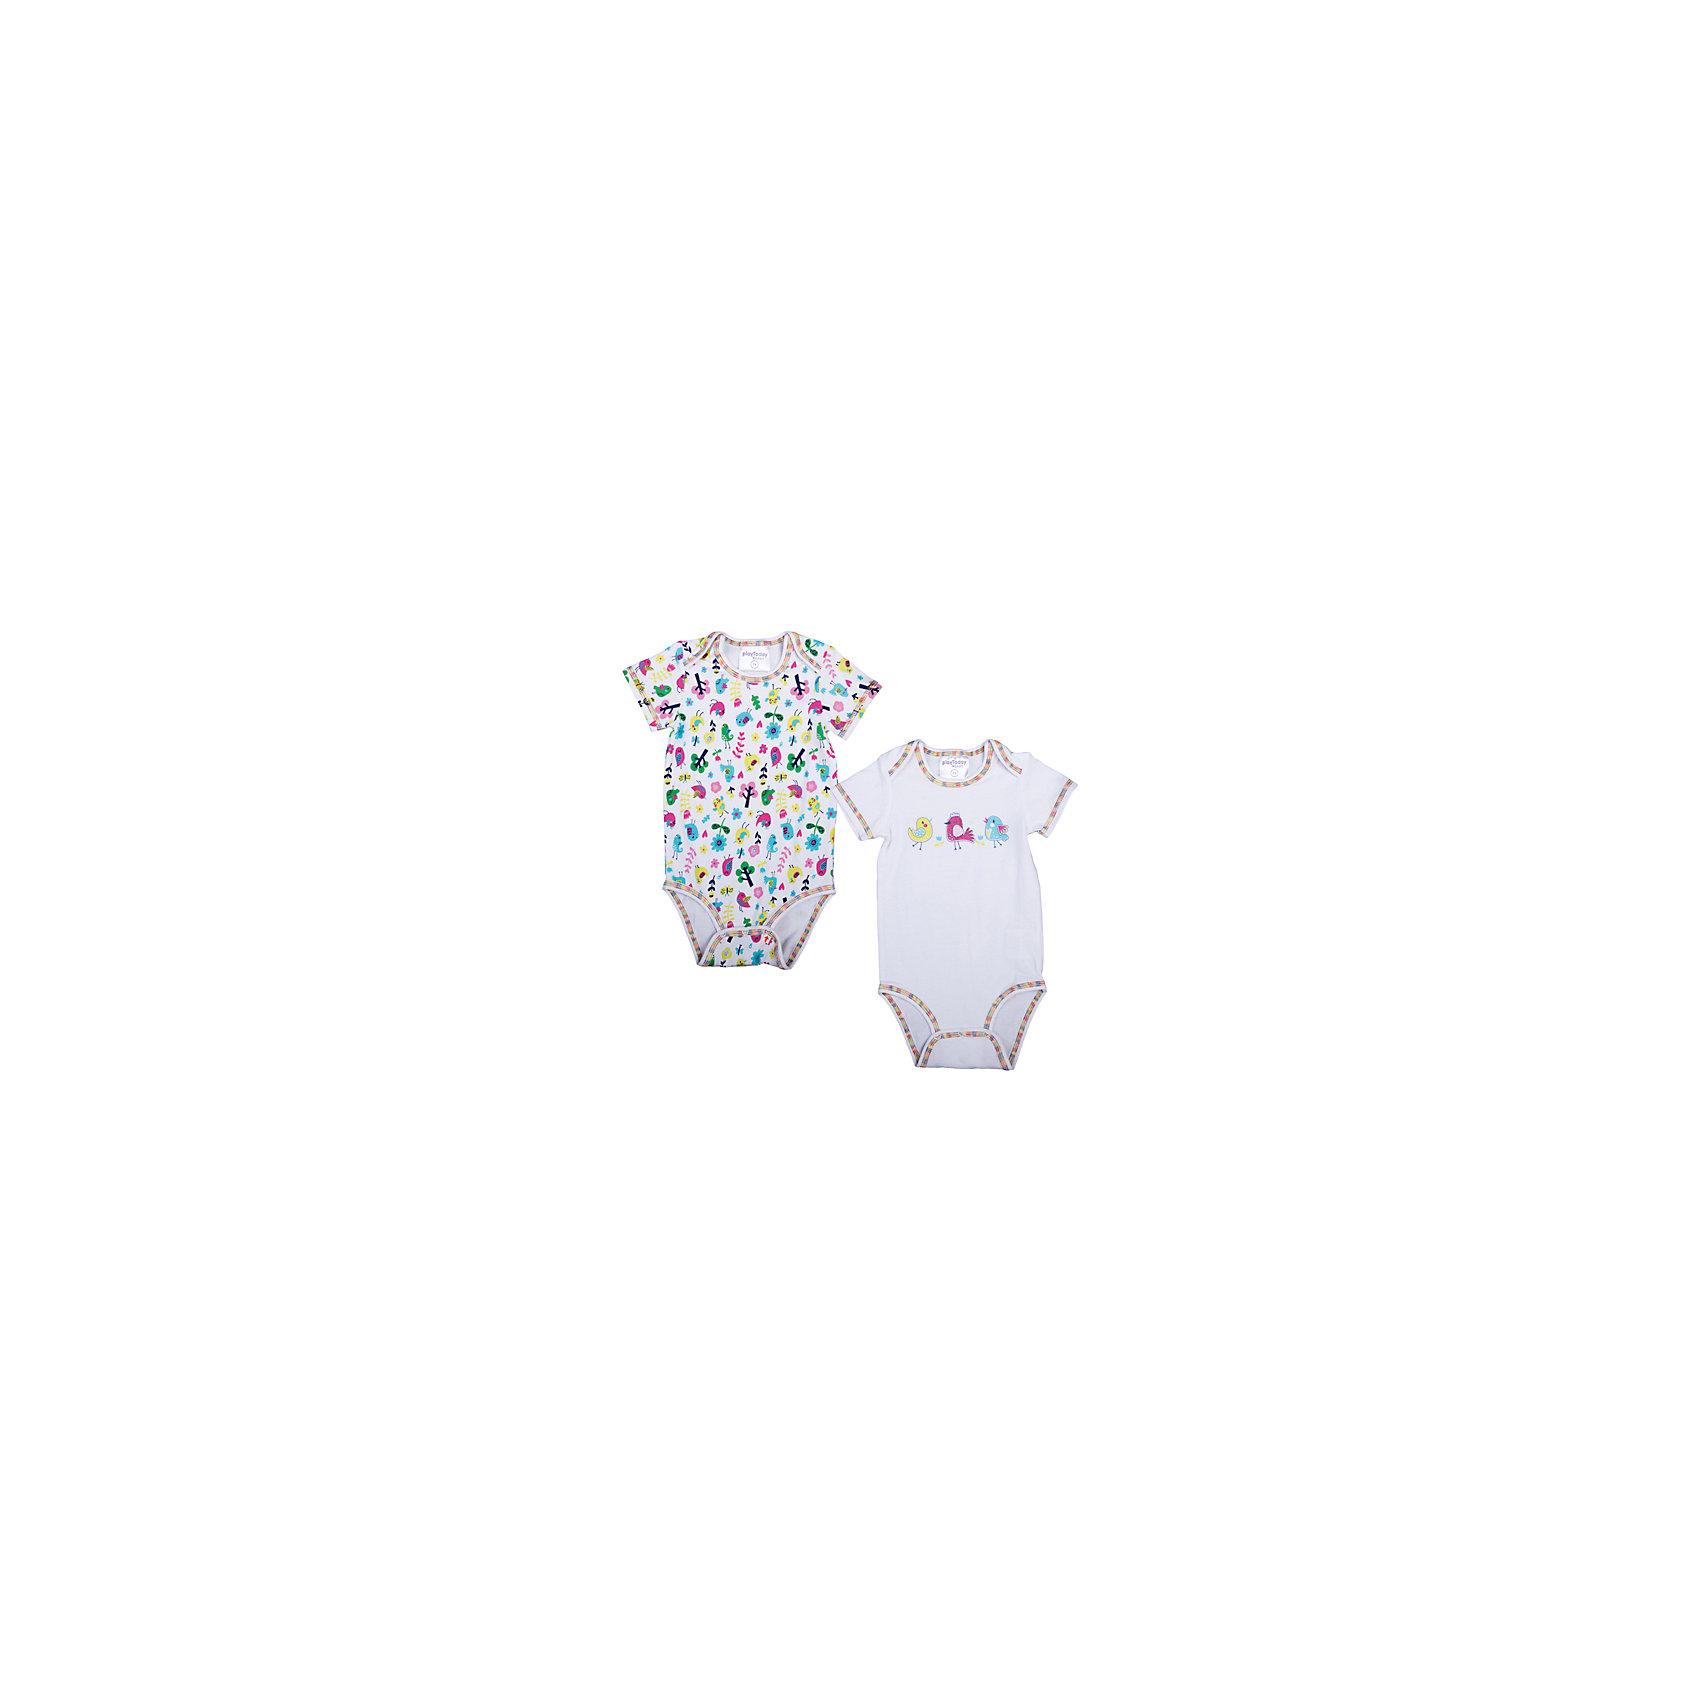 PlayToday Боди, 2 шт. для девочки PlayToday комплект боди 2 шт детский babydays 0408 300 hbg f голубой р 74